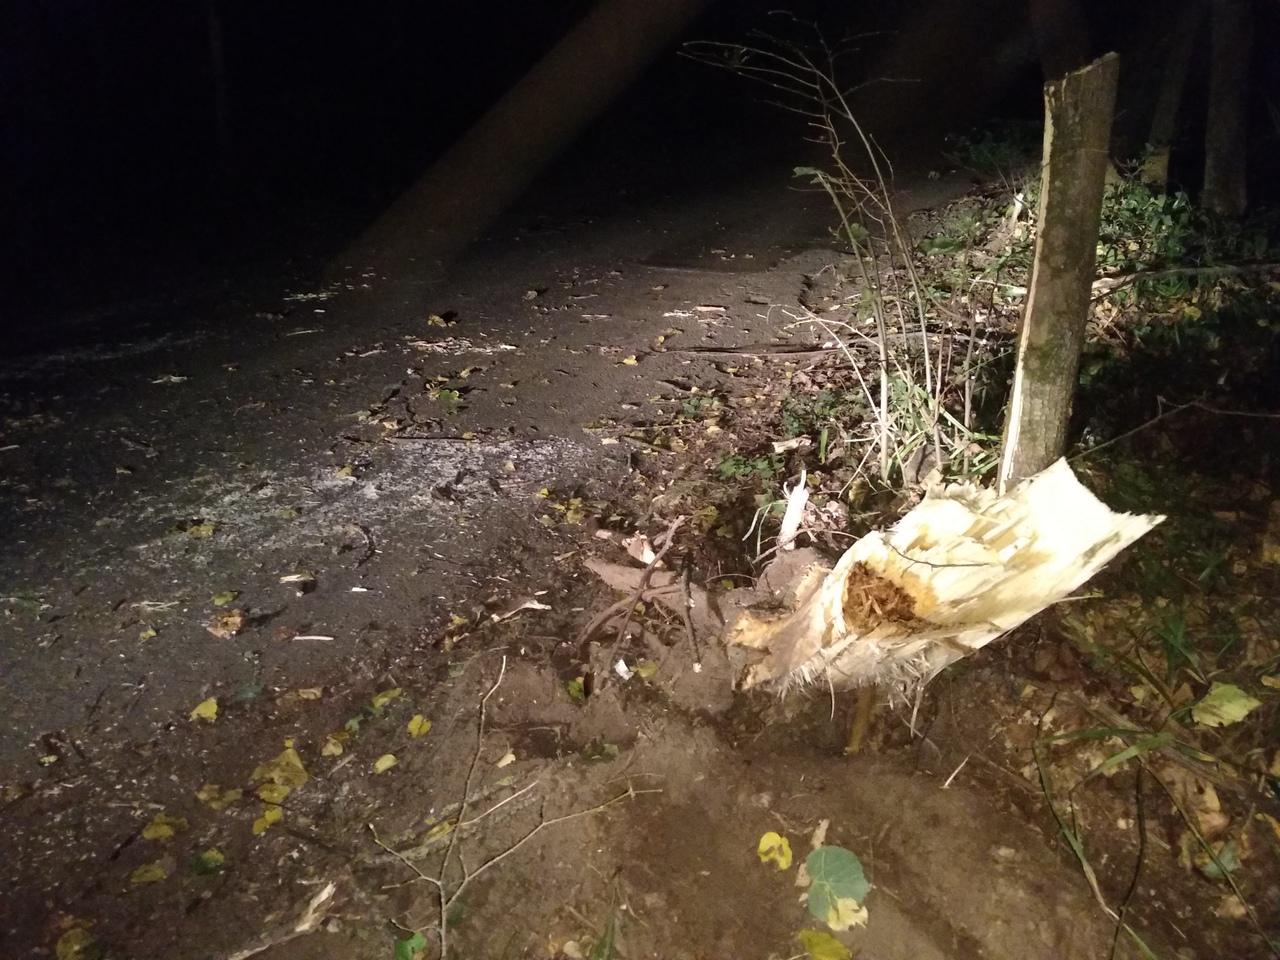 Три человека пострадали в аварии в лесу — Изображение 1